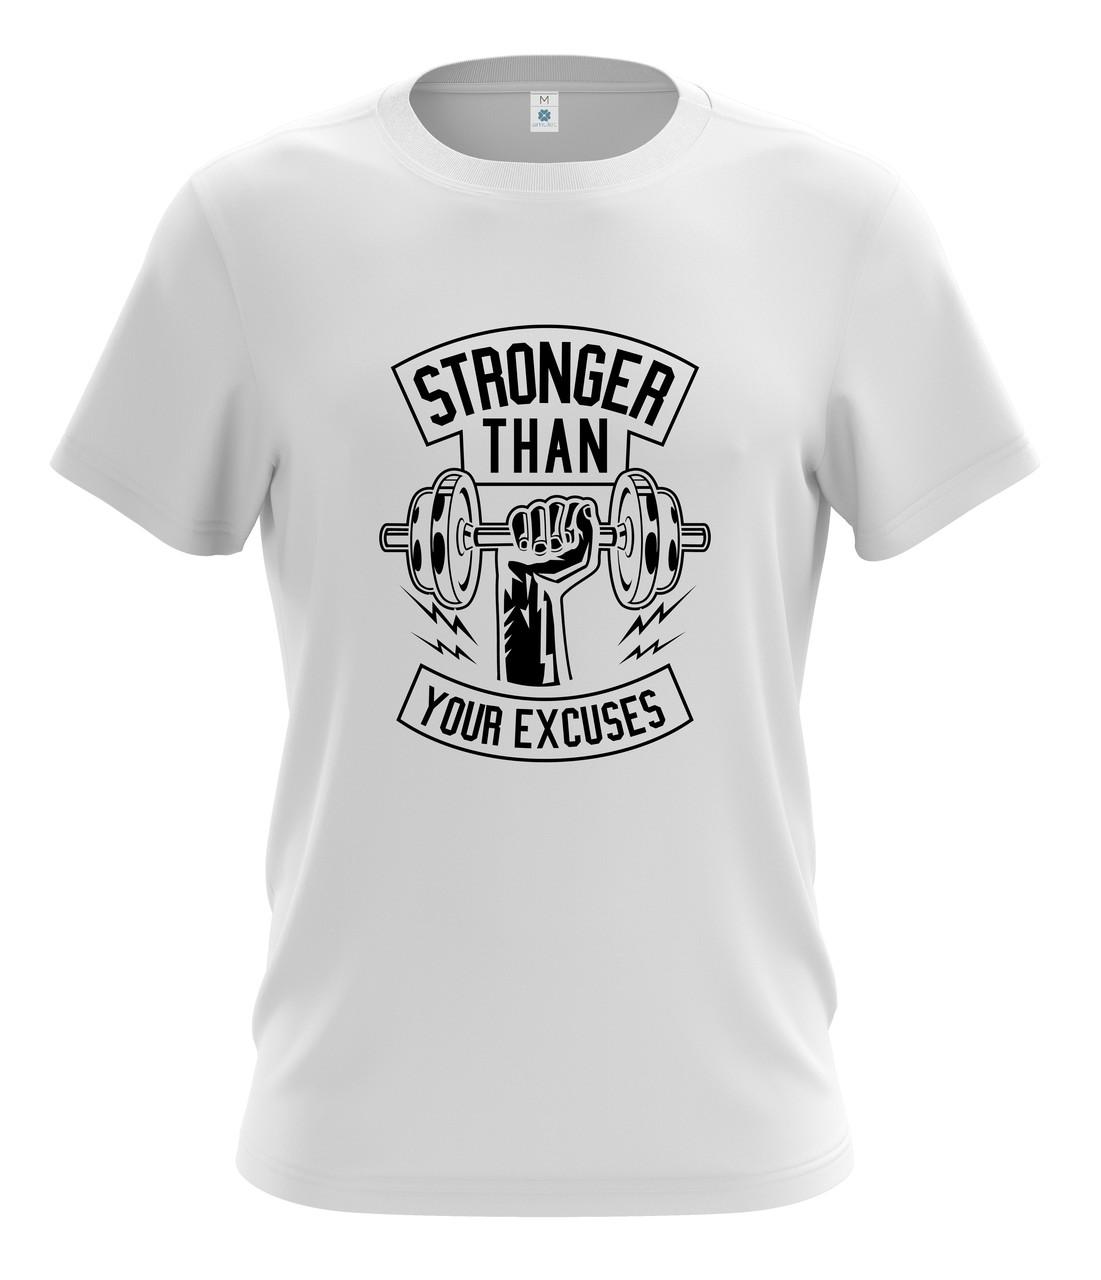 """Футболка мужская спортивная """"Stronger in GYM"""" Белый, XL"""